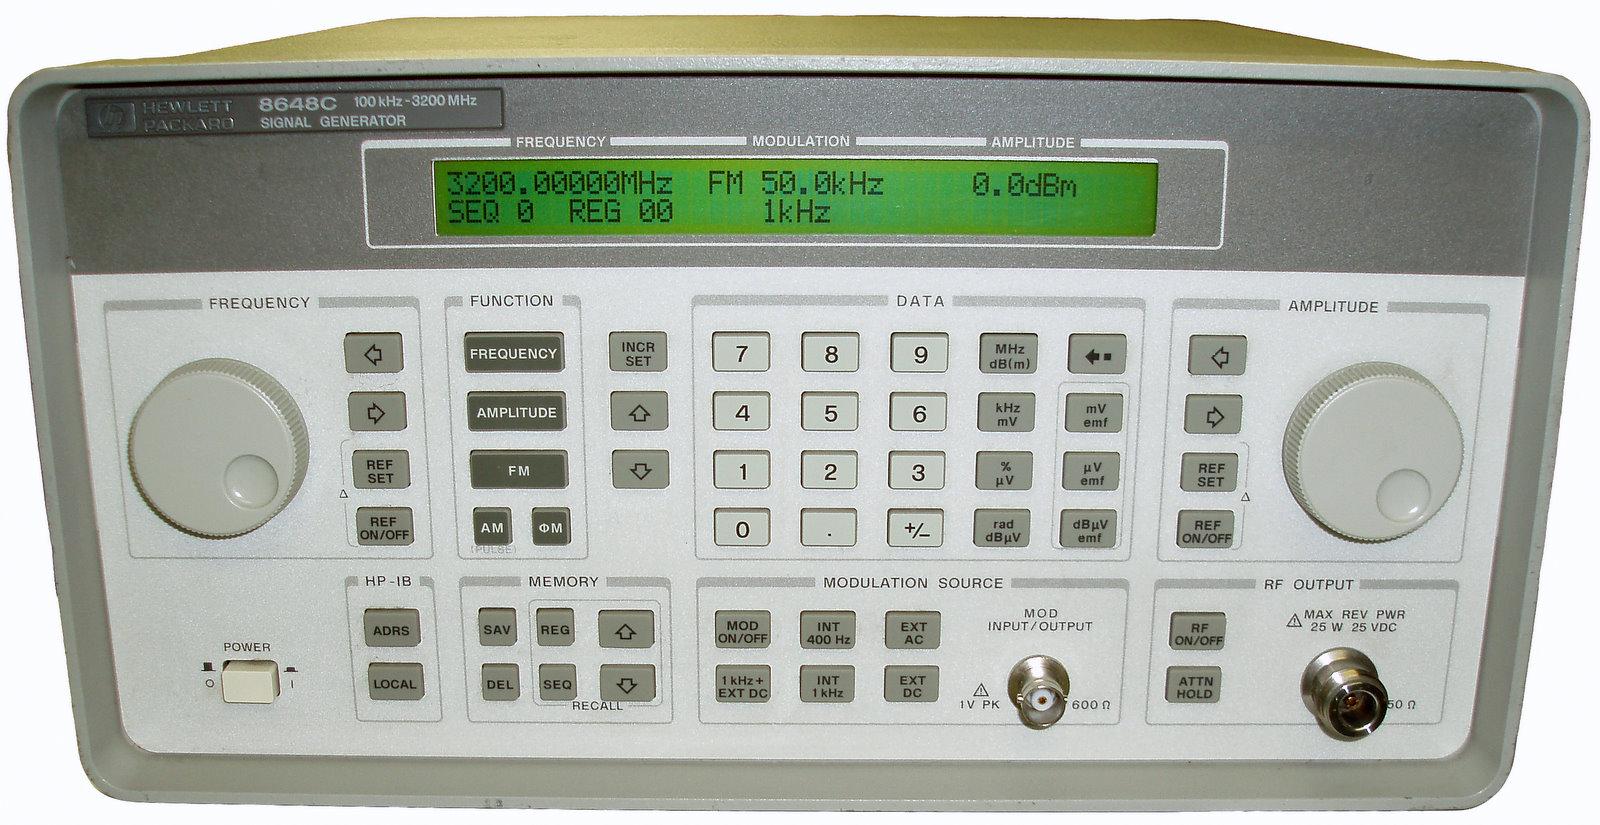 Agilent 8648C Signal Generator